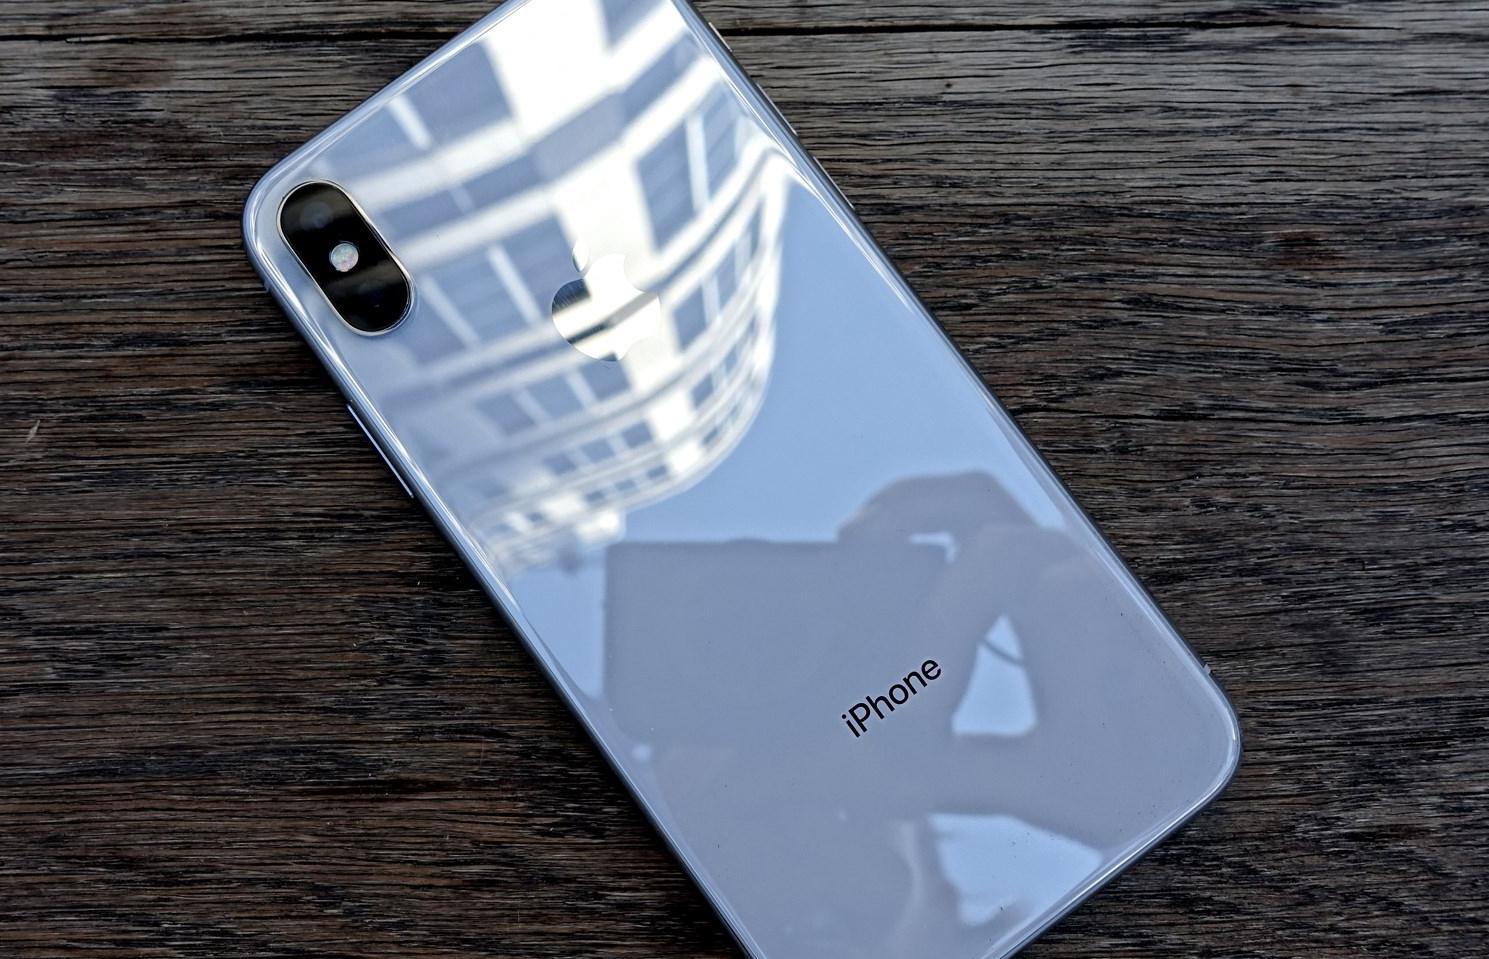 Det kan komme en superbillig iPhone - halve prisen av iPhone X men større skjerm